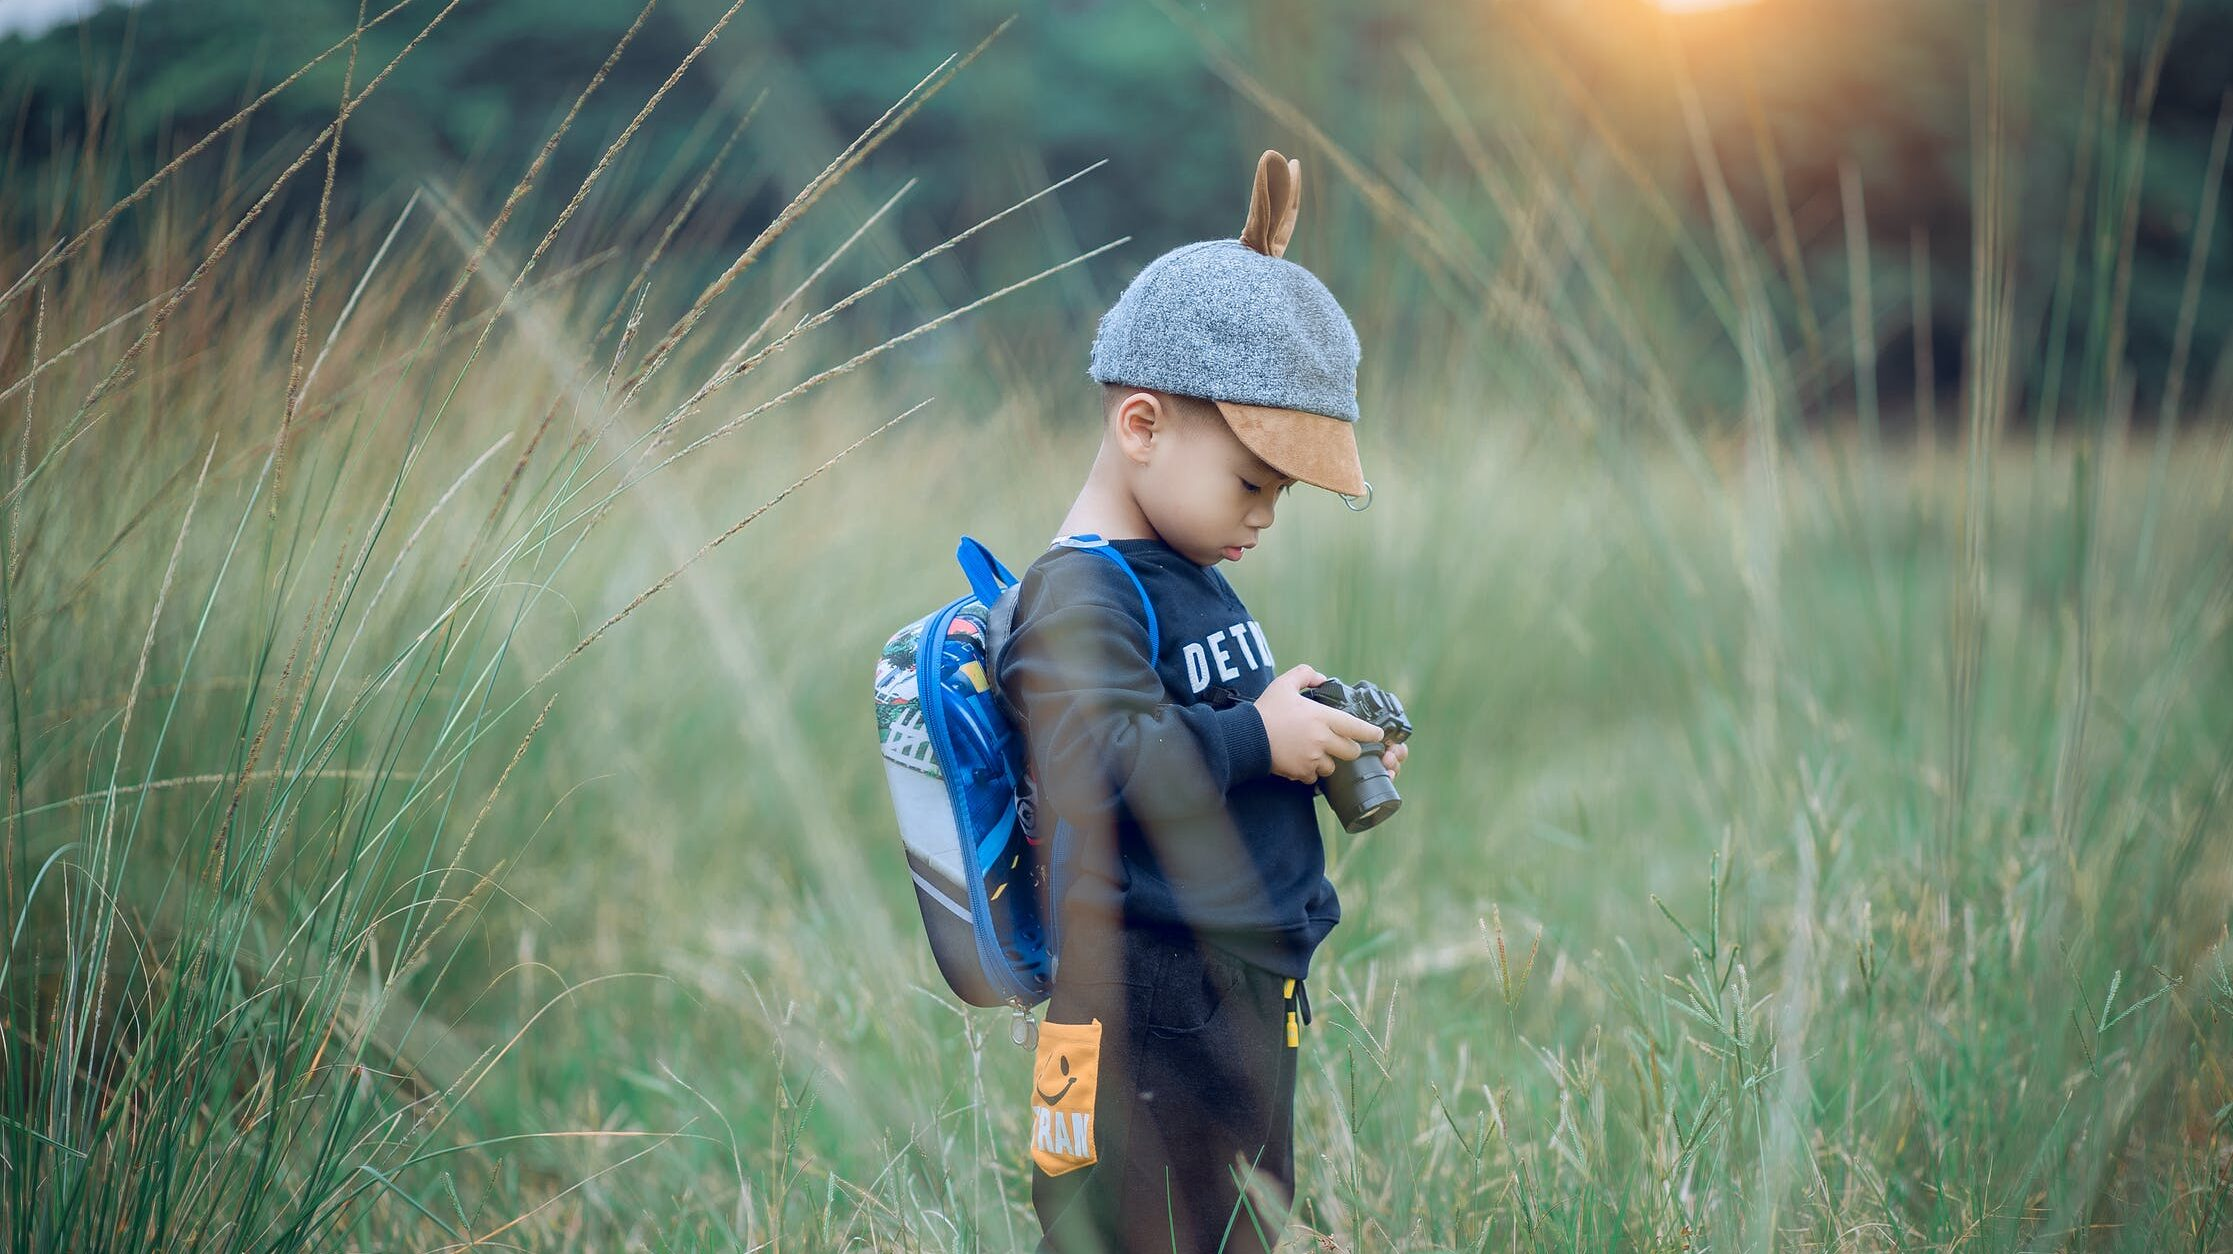 吃音やどもる幼児や子どもの原因はストレス?治し方は?のイメージ画像2